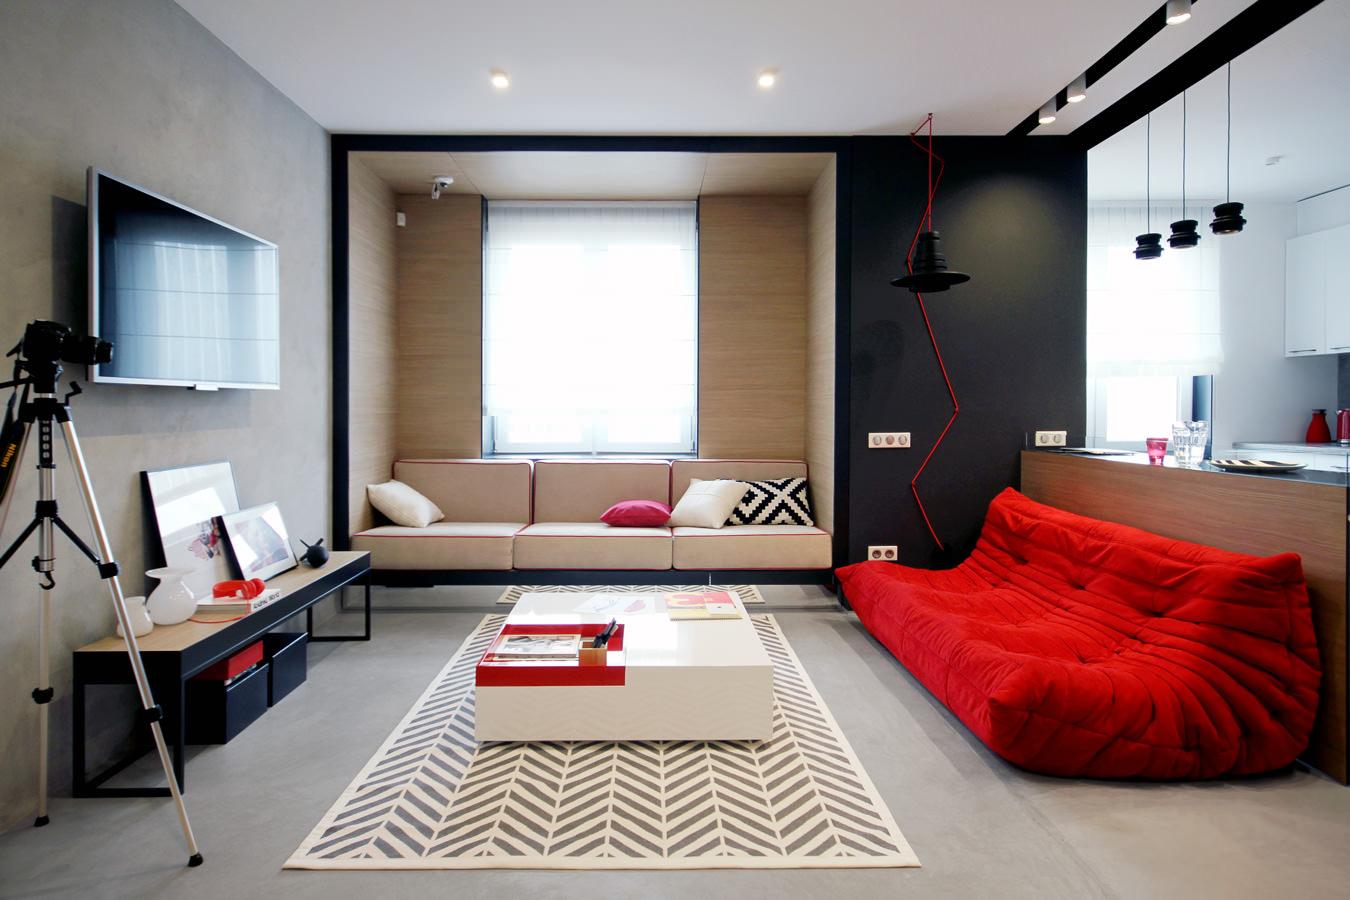 Бескаркасный диван без подлокотников